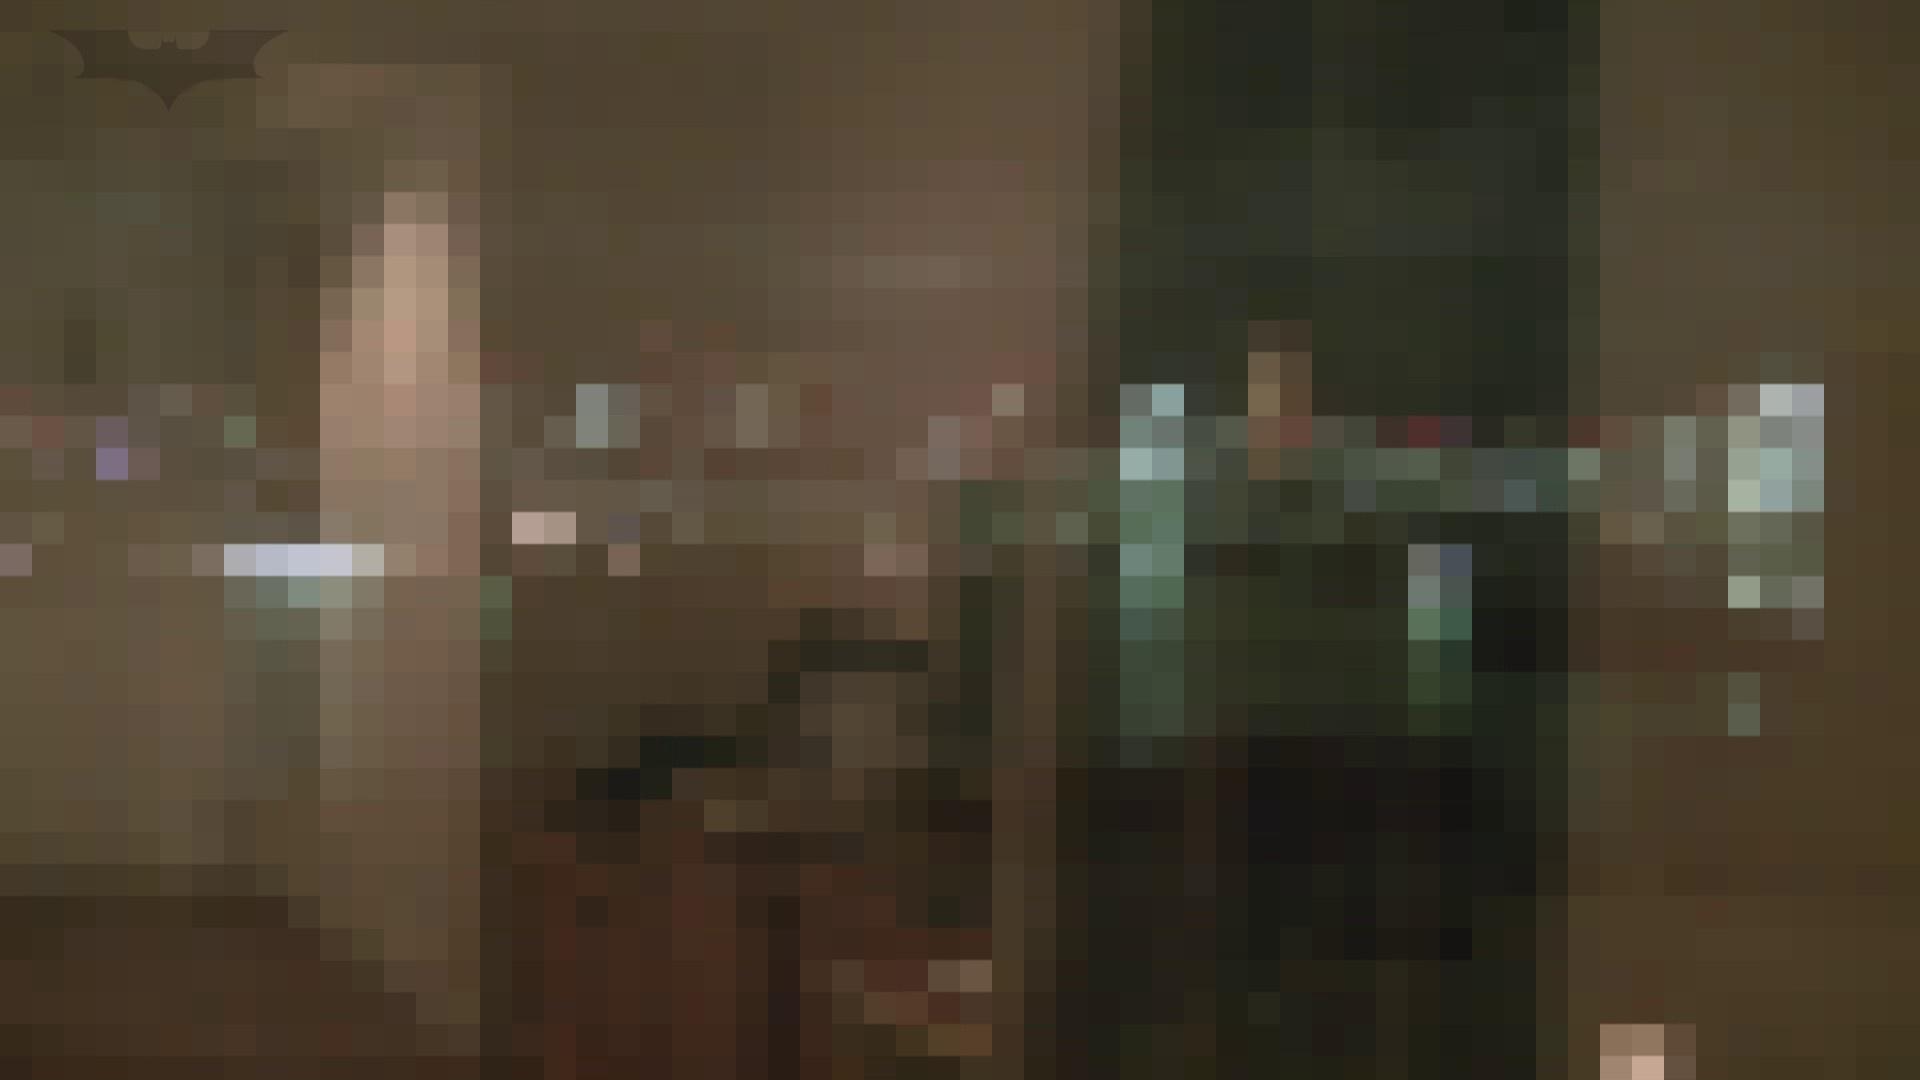 期間限定 闇の花道Vol.10 影対姪っ子絶対ダメな調教関係Vol.04 桃色乳首  97PIX 55